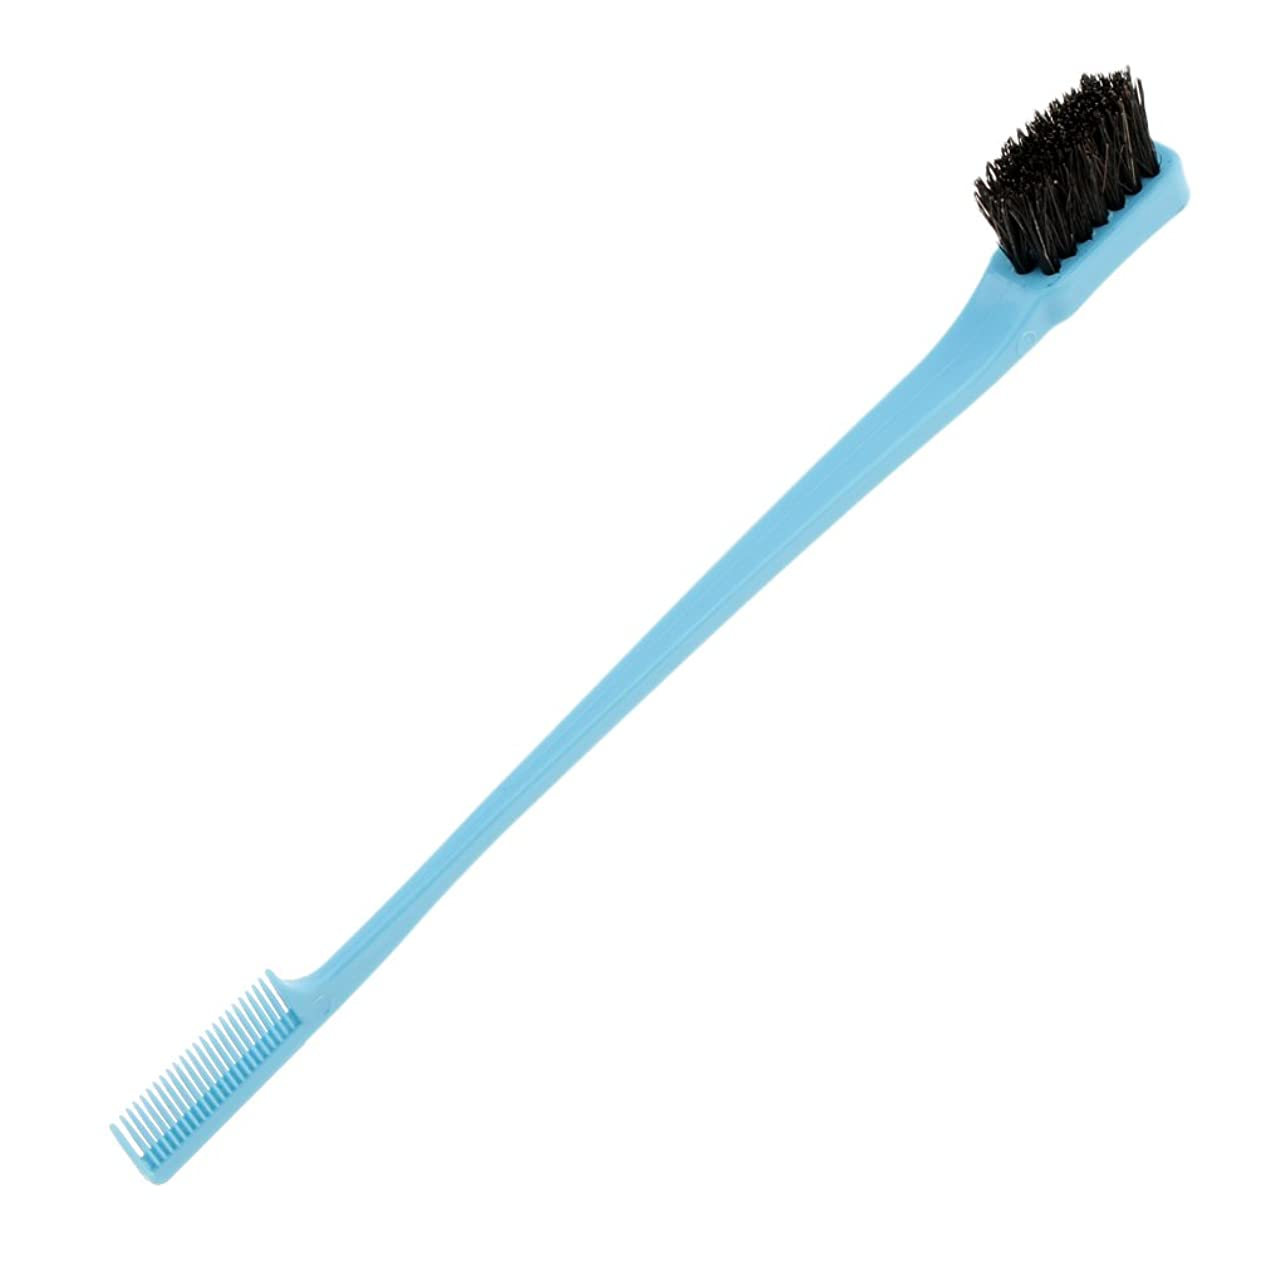 間接的フルーティーつまずくBlesiya ヘアブラシ ヘアコーム 両端使え 櫛 プラスチック製 ひげ口髭 ラインひげ整え ヘアースタイリング エッジ削り 便利 7インチ 4色選べる - 青